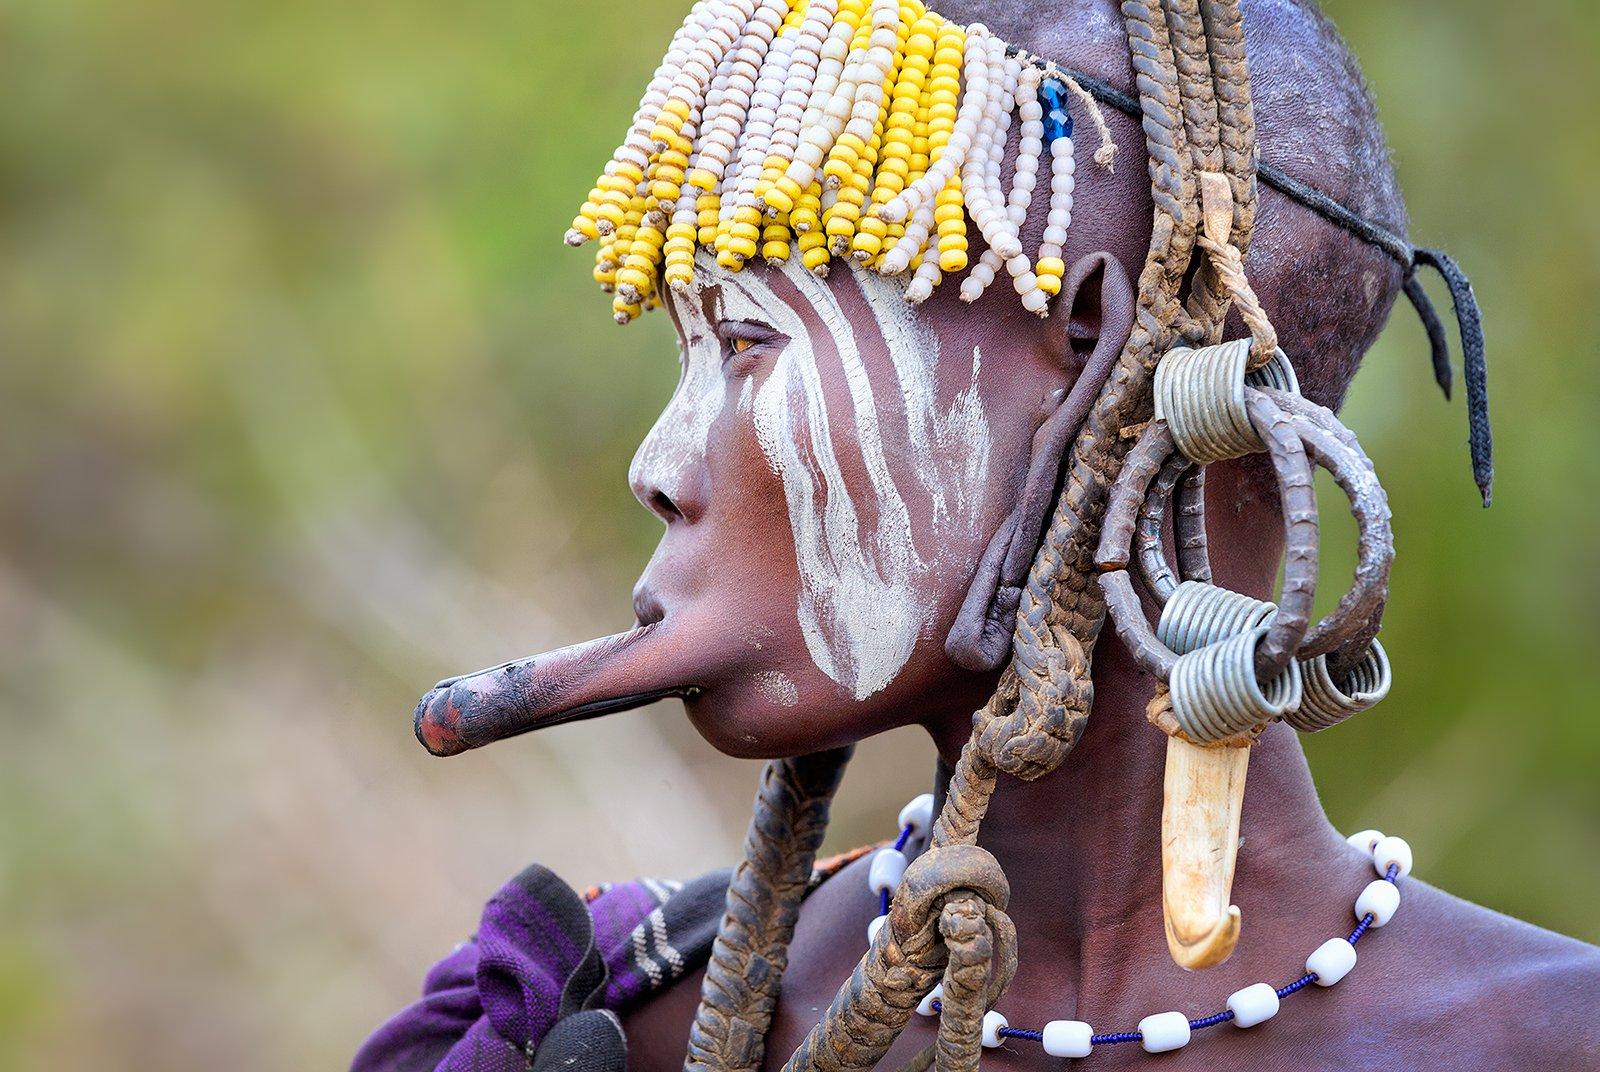 Мурси, племя, Эфиопия, долина Омо, Африка, Бирюков Юрий